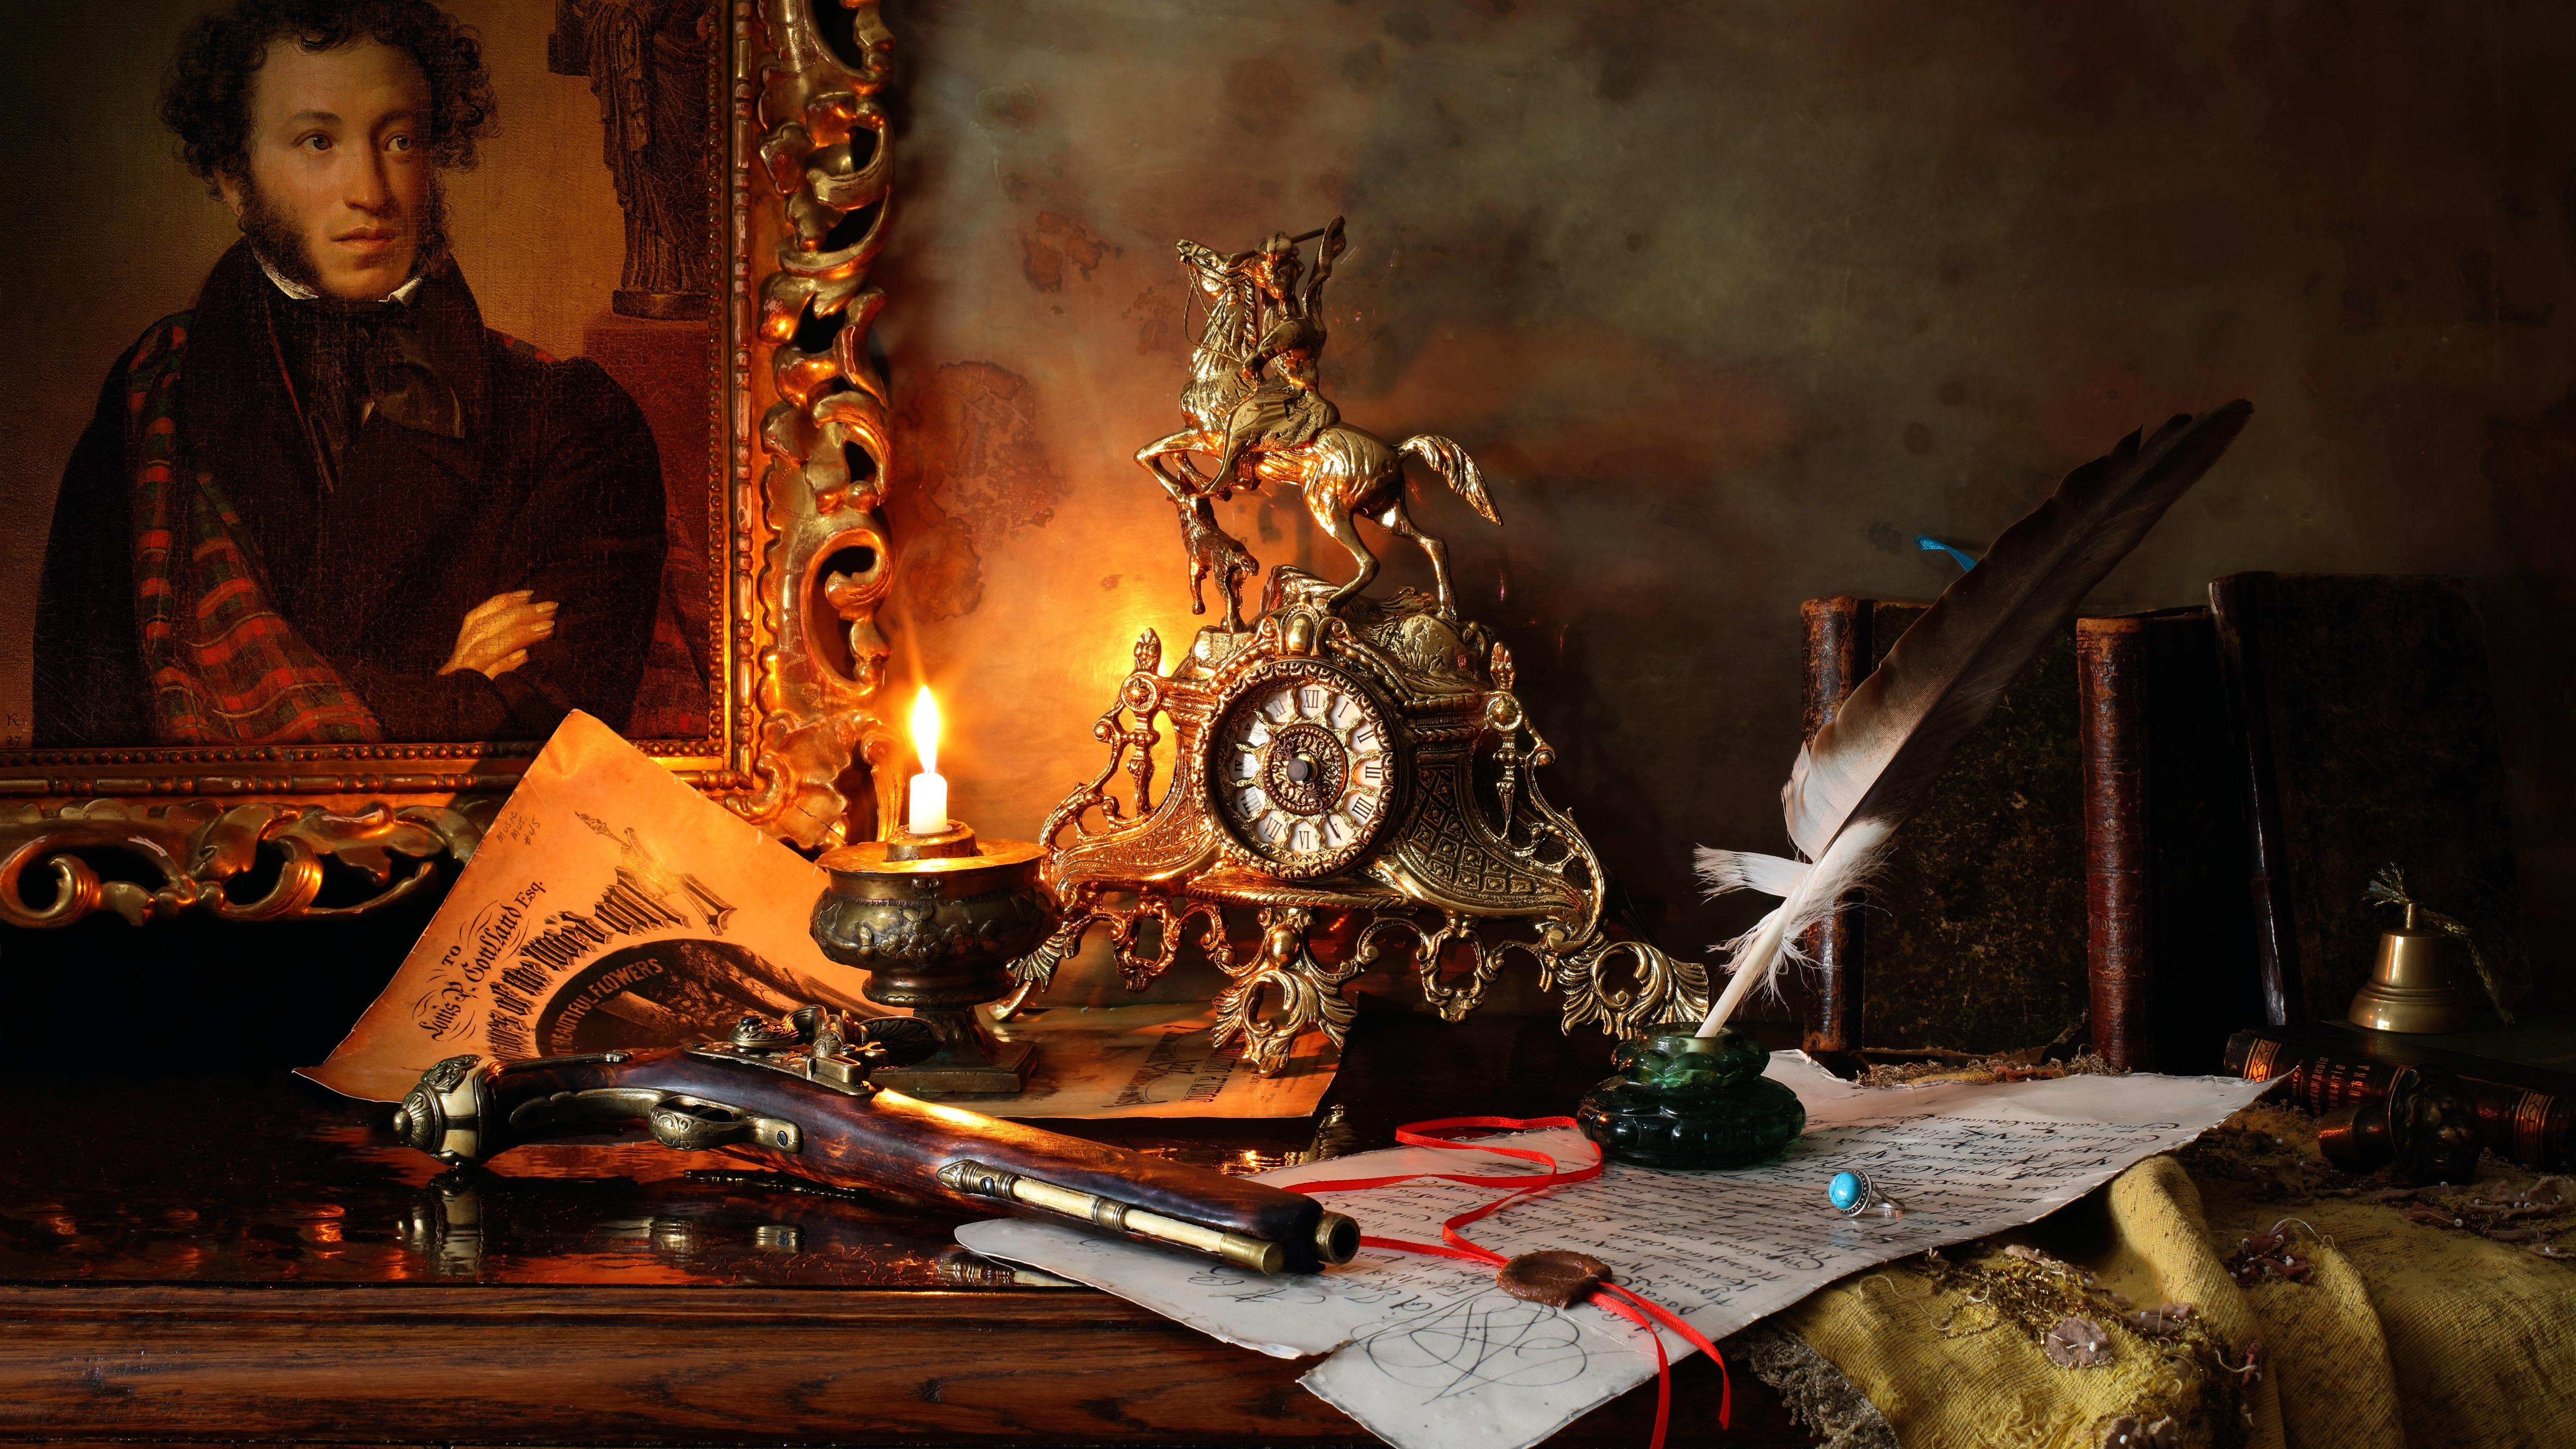 место занимаемое в творчестве поэта